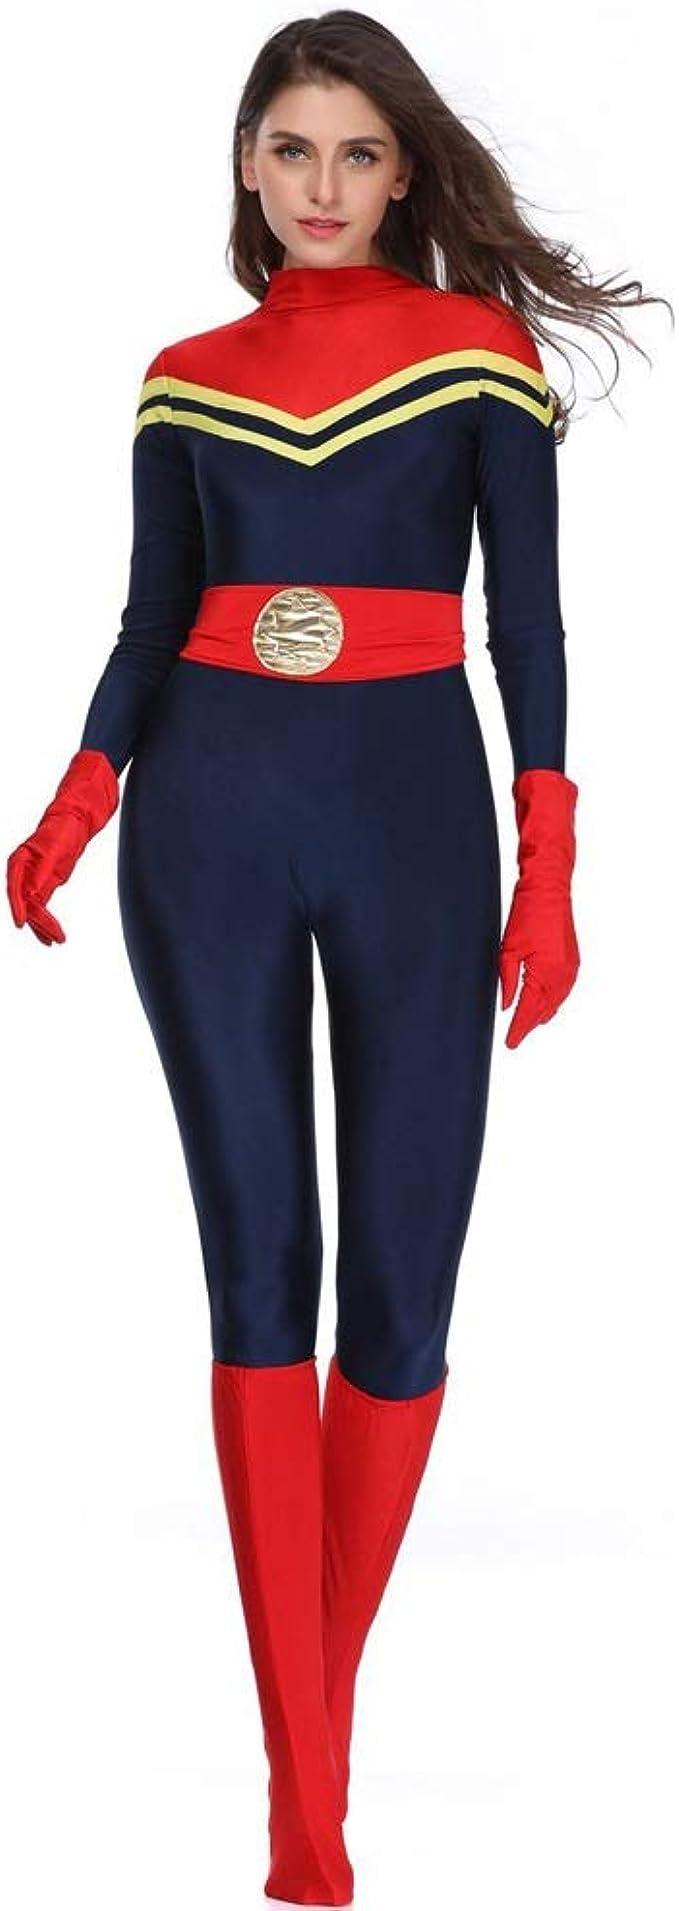 SPIDERMANHTT Mujer Disfraz de Cosplay Dama Adulta de Halloween ...